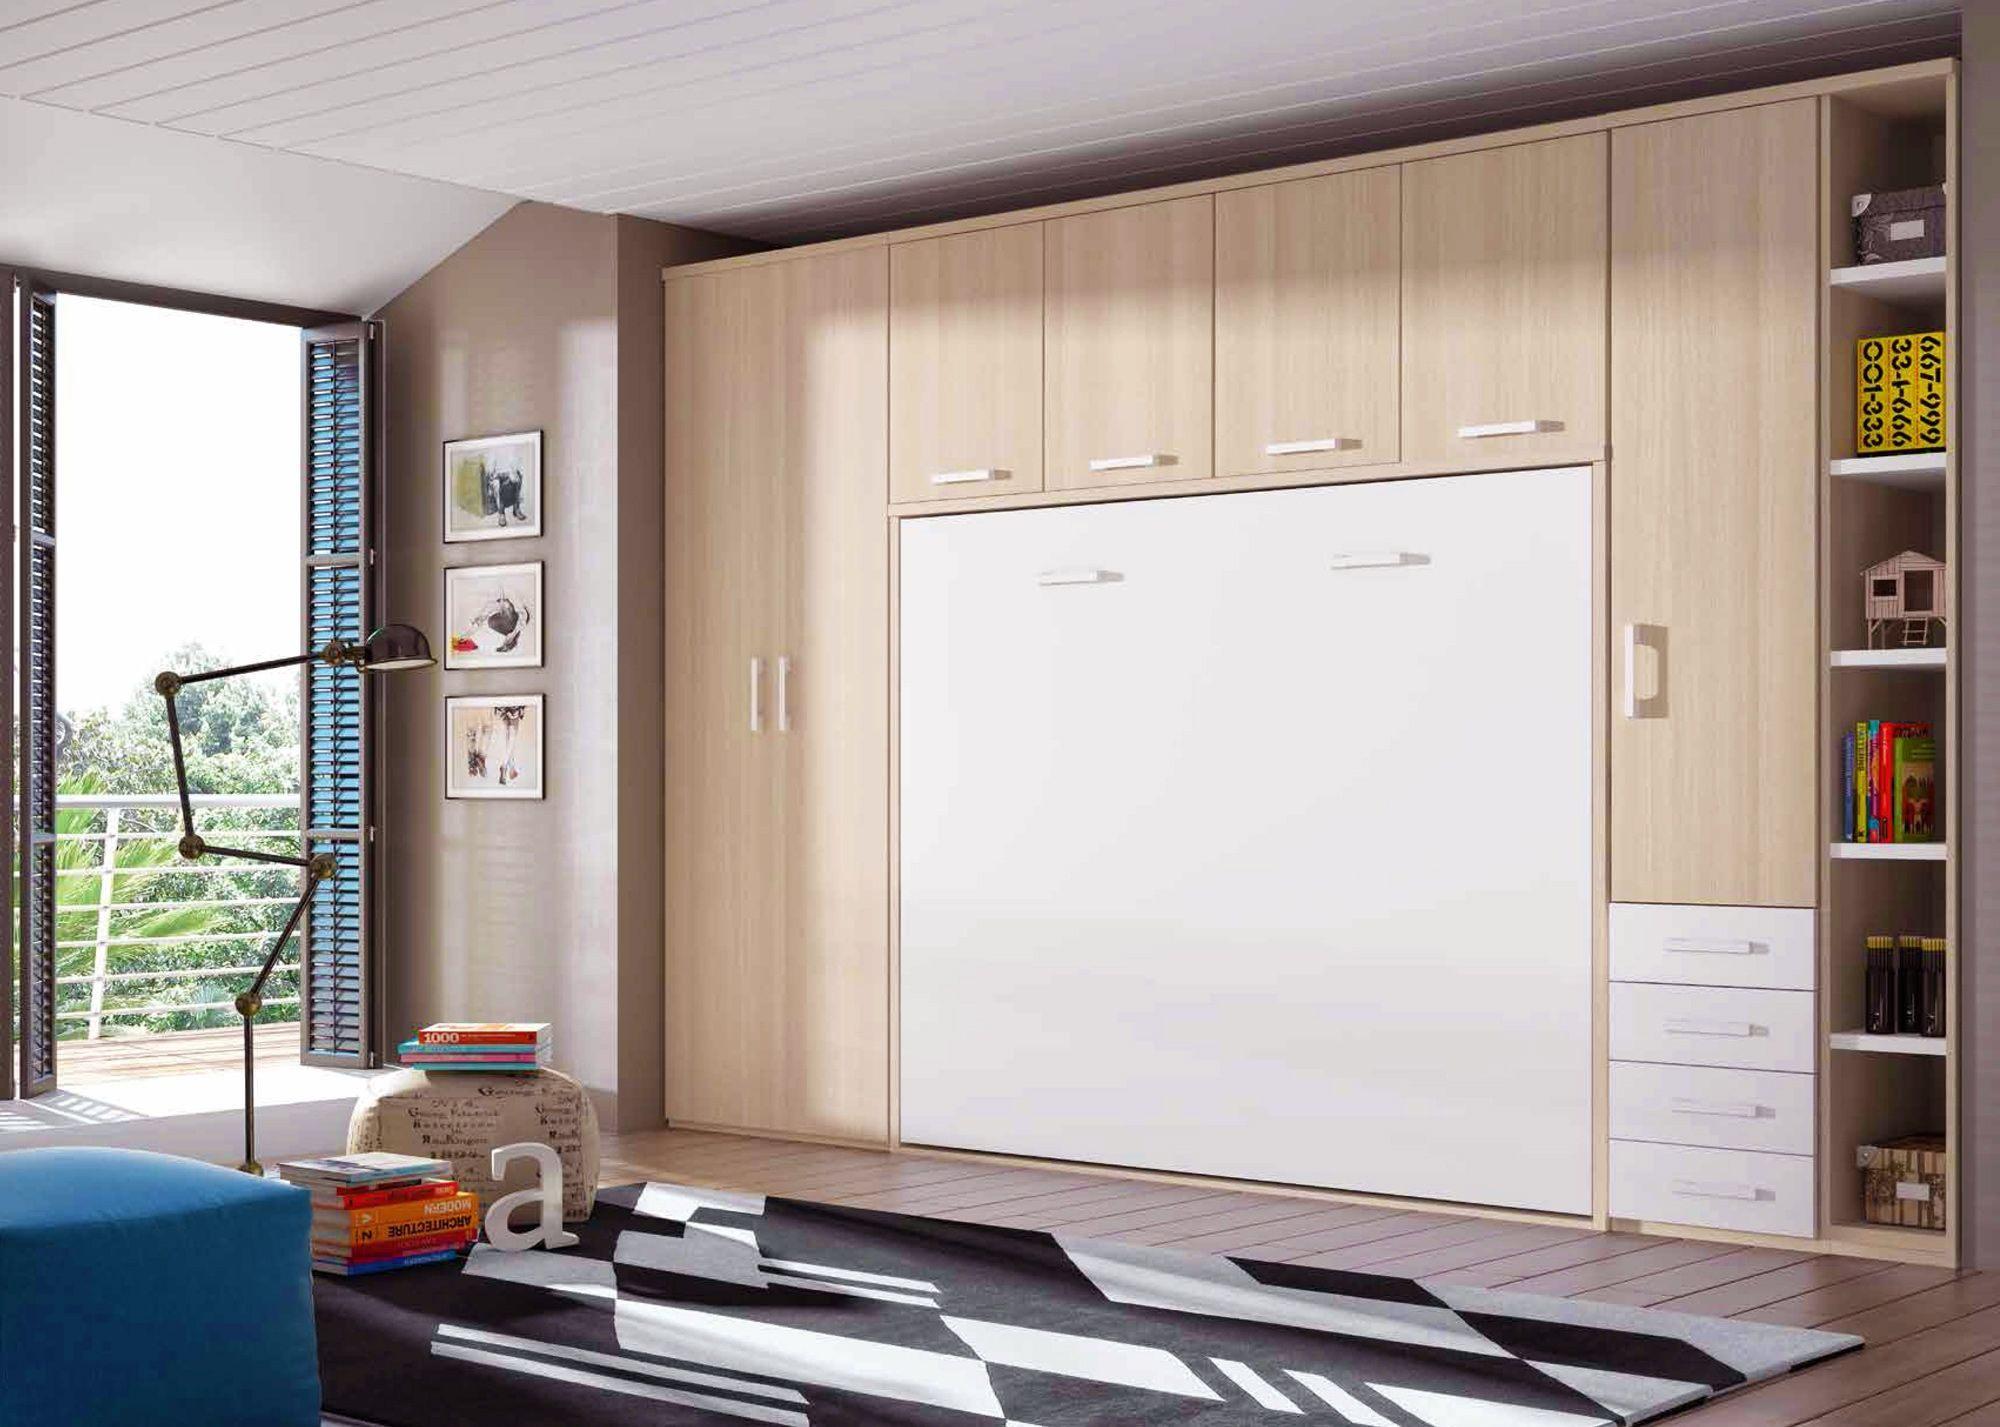 Lit Escamotable 160×200 Beau Chambre Avec Lit Armoire Escamotable Personnalisable F365 Glicerio